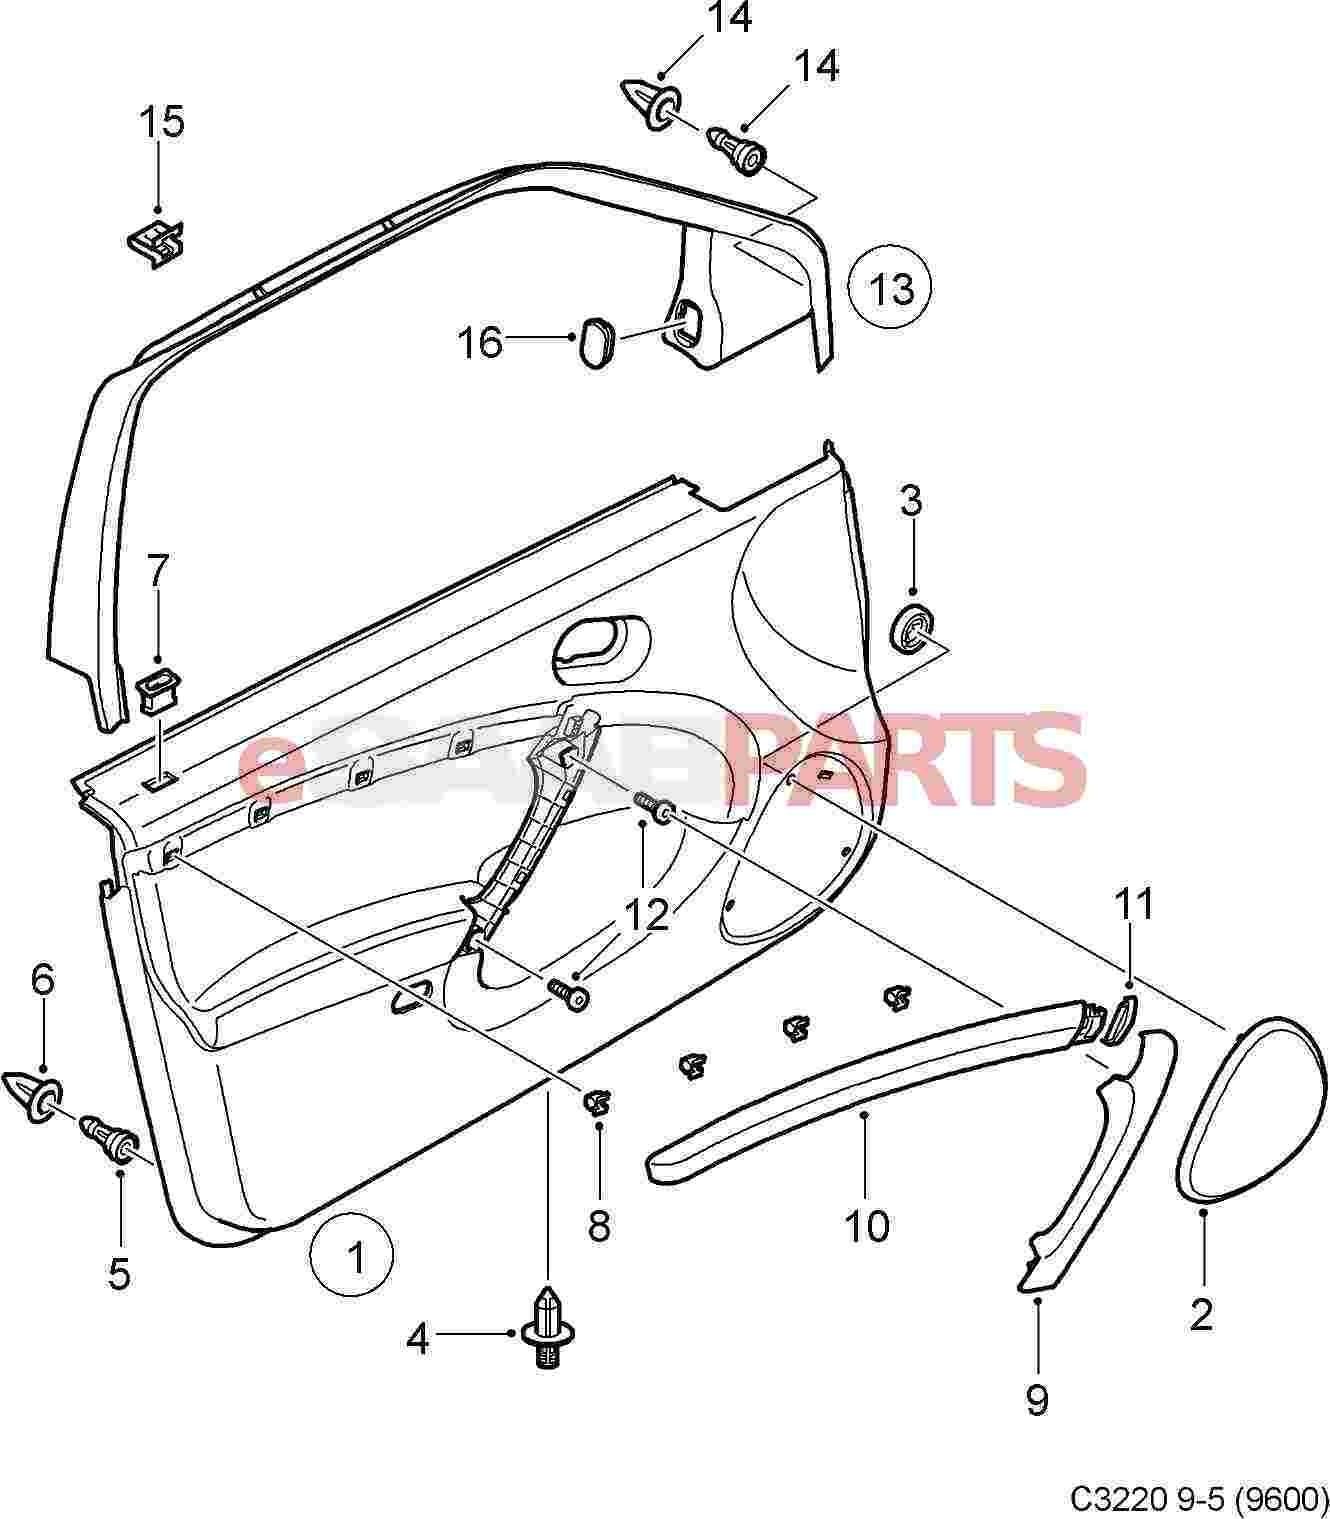 Car Interior Parts Diagram Esaabparts Of Car Interior Parts Diagram